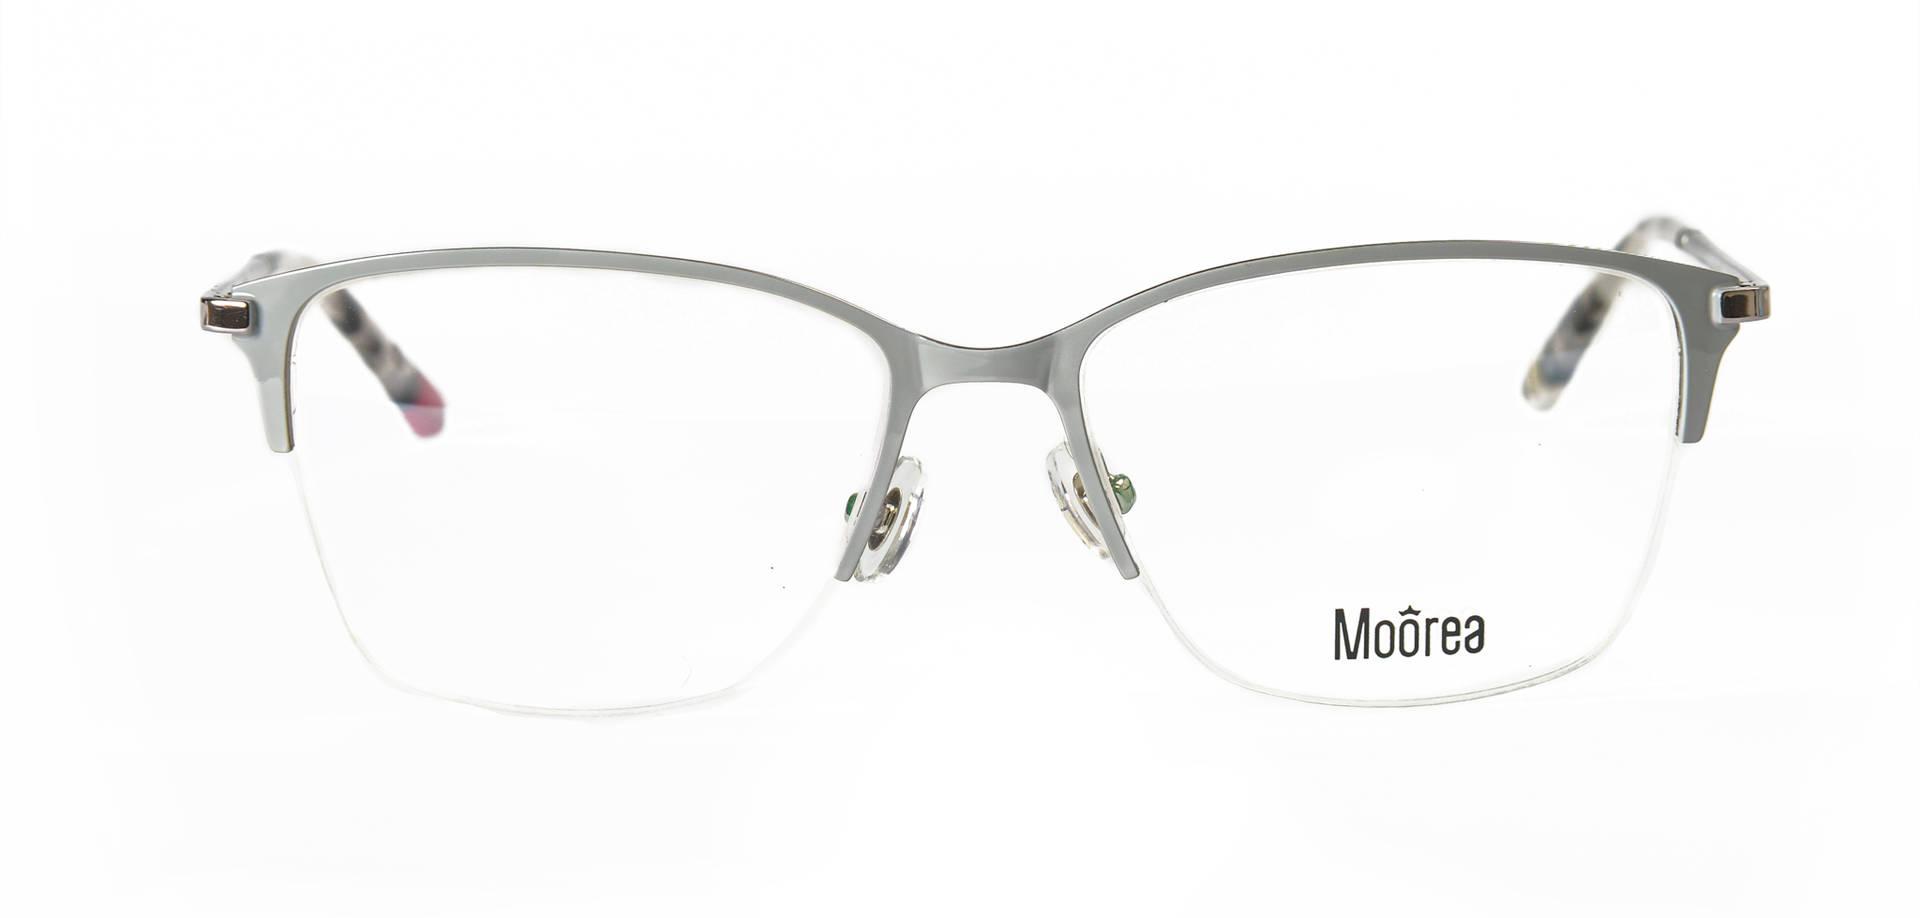 7R3-MOOREA-05 C3